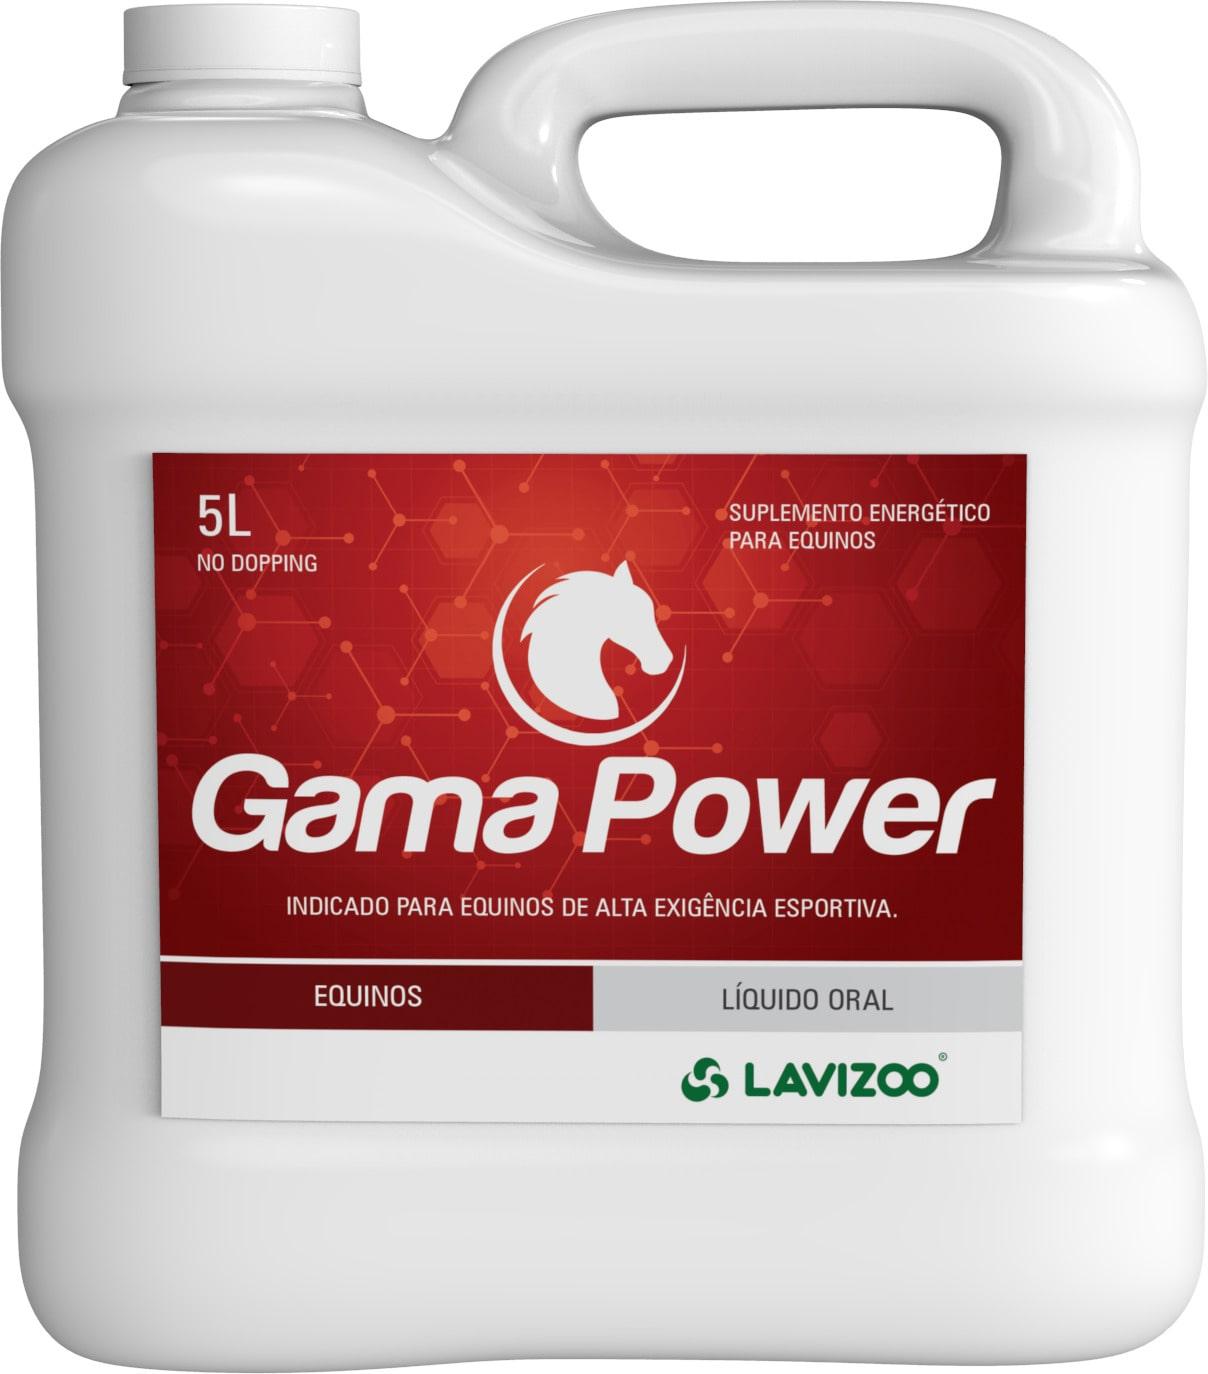 Gama Power 5L Lavizoo - Suplementação Equina